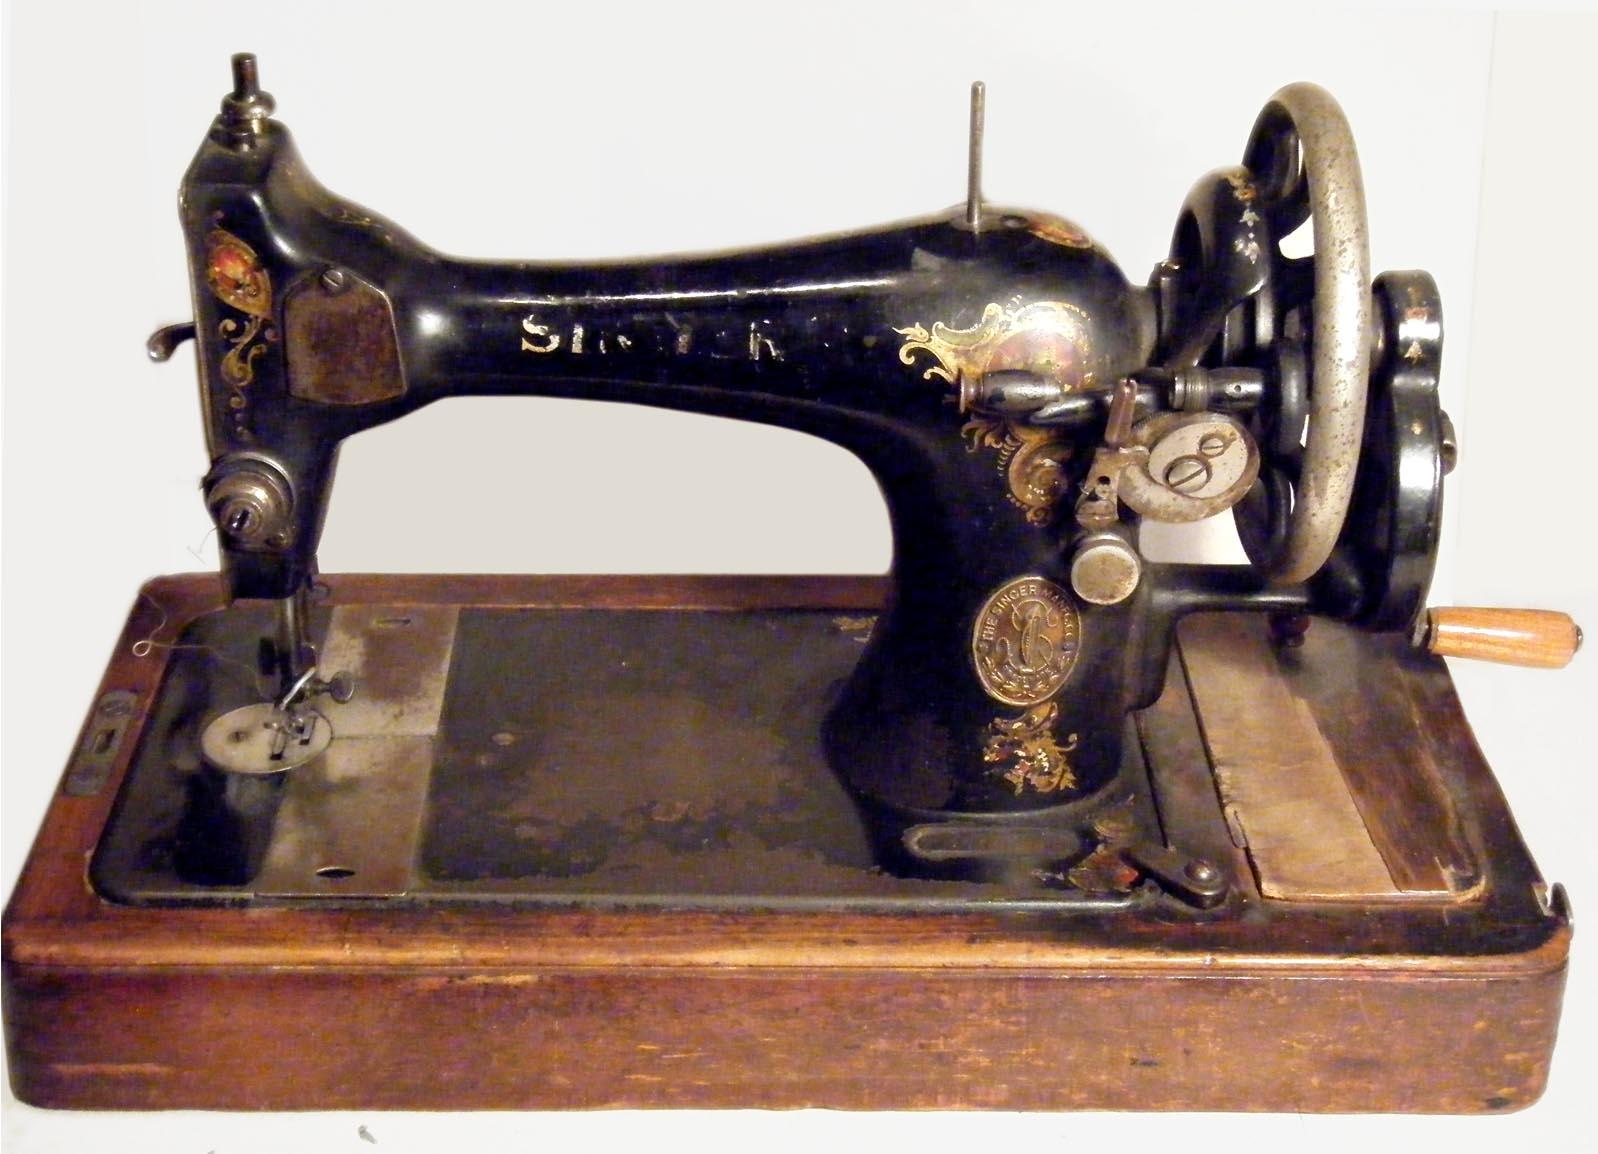 Trama e ordito il blog della moda macchina da cucire for Macchine per cucire portatili